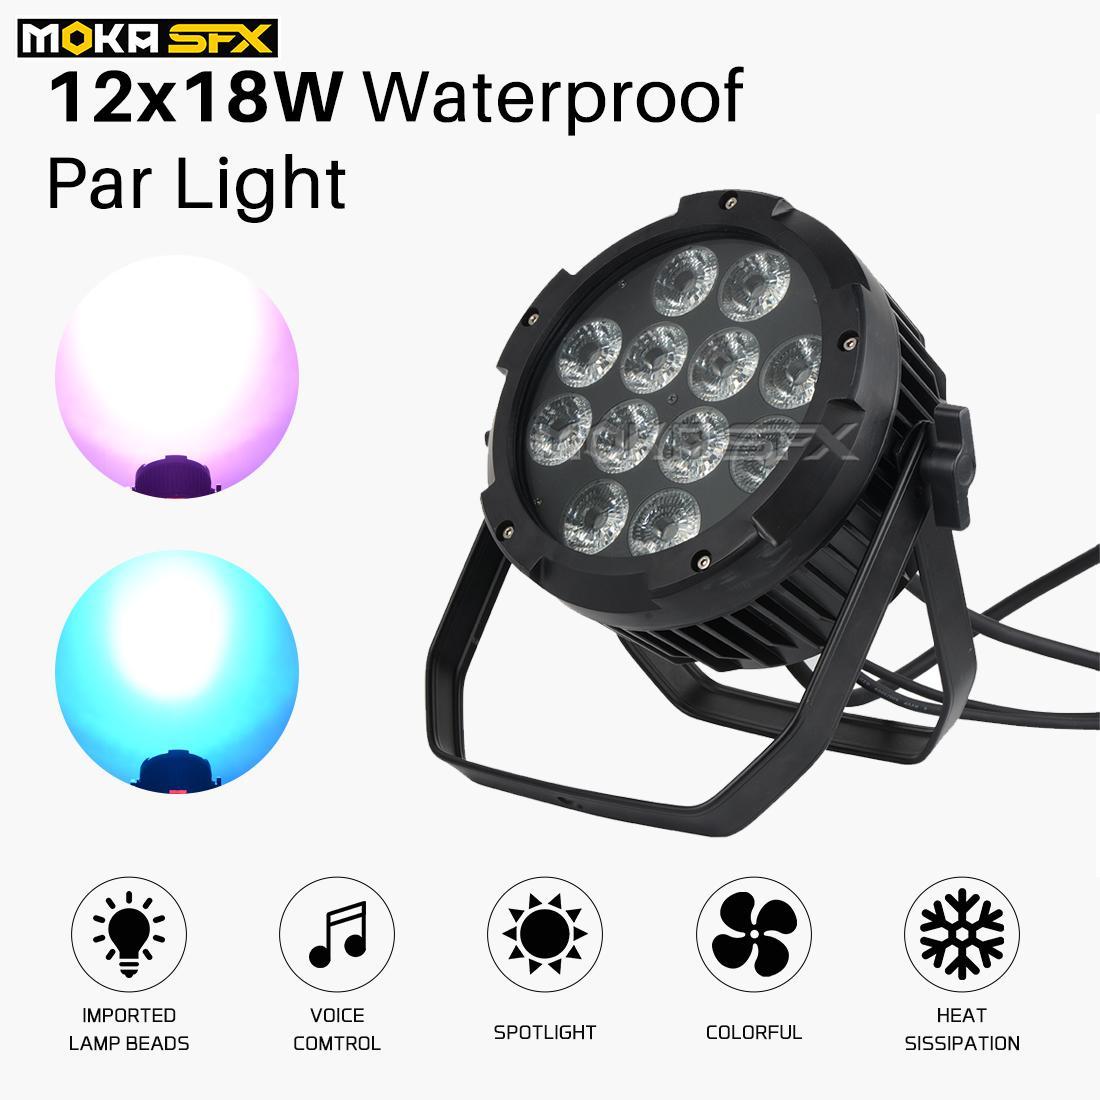 ماء الخفيفة الاسمية 12x18W LED ضوء المرحلة بار في الهواء الطلق الاسمية يمكن IP65 RGBWA + UV 6in1 لحزب مسرح الأحداث المرحلة معدات الإضاءة